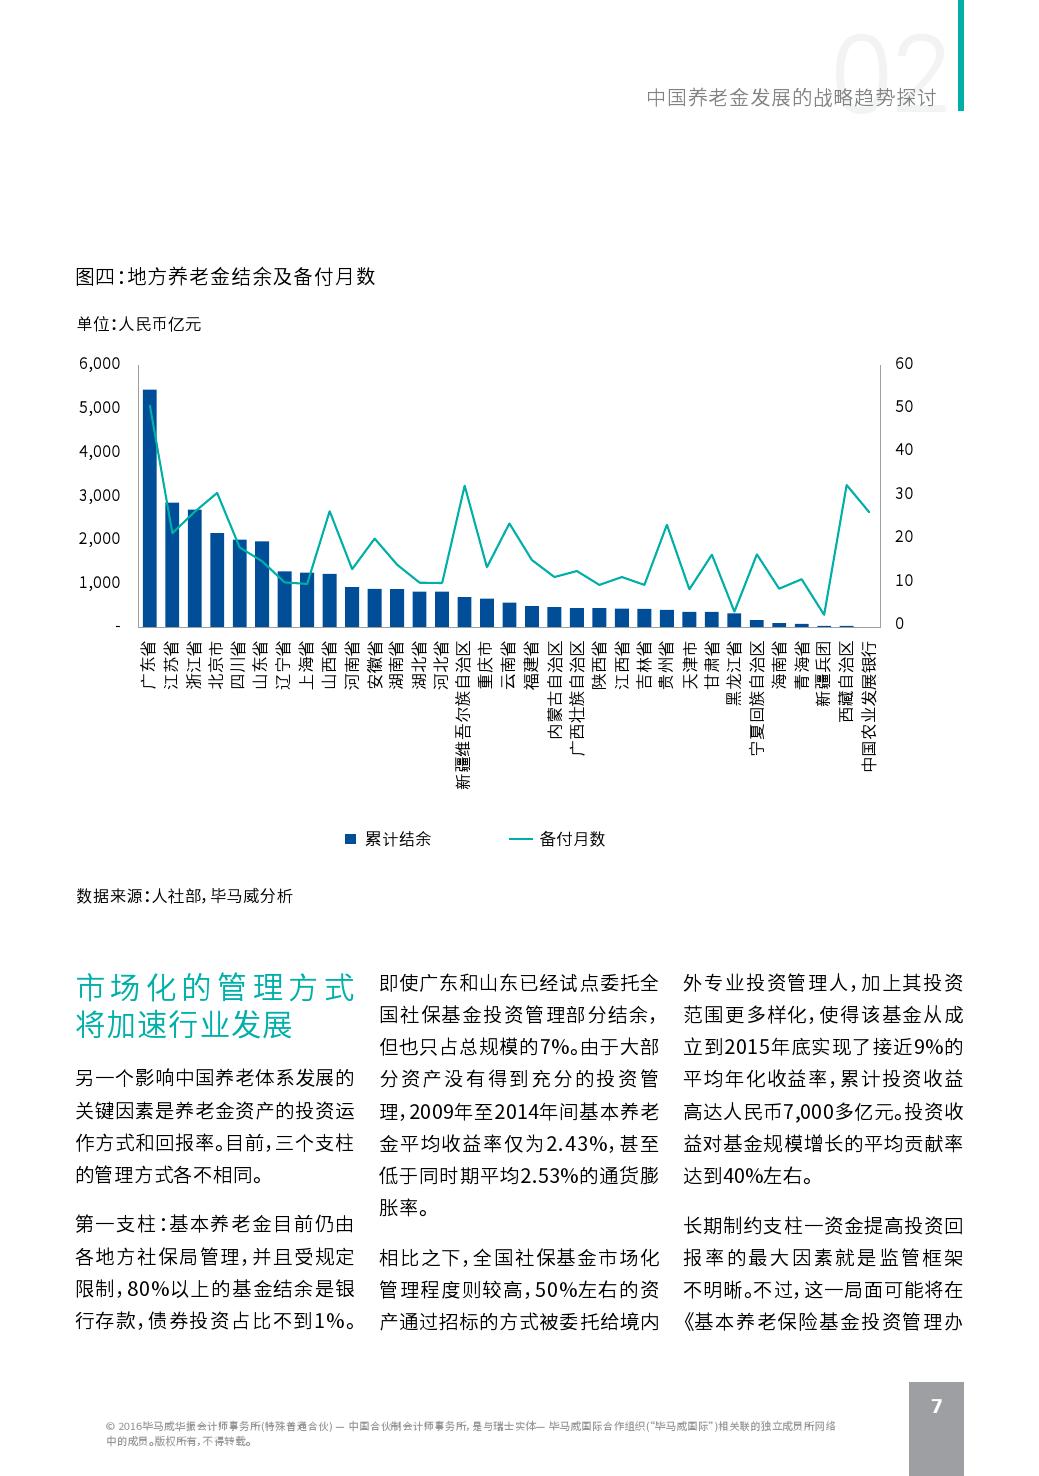 2016年中国养老金发展的战略趋势探讨_000009